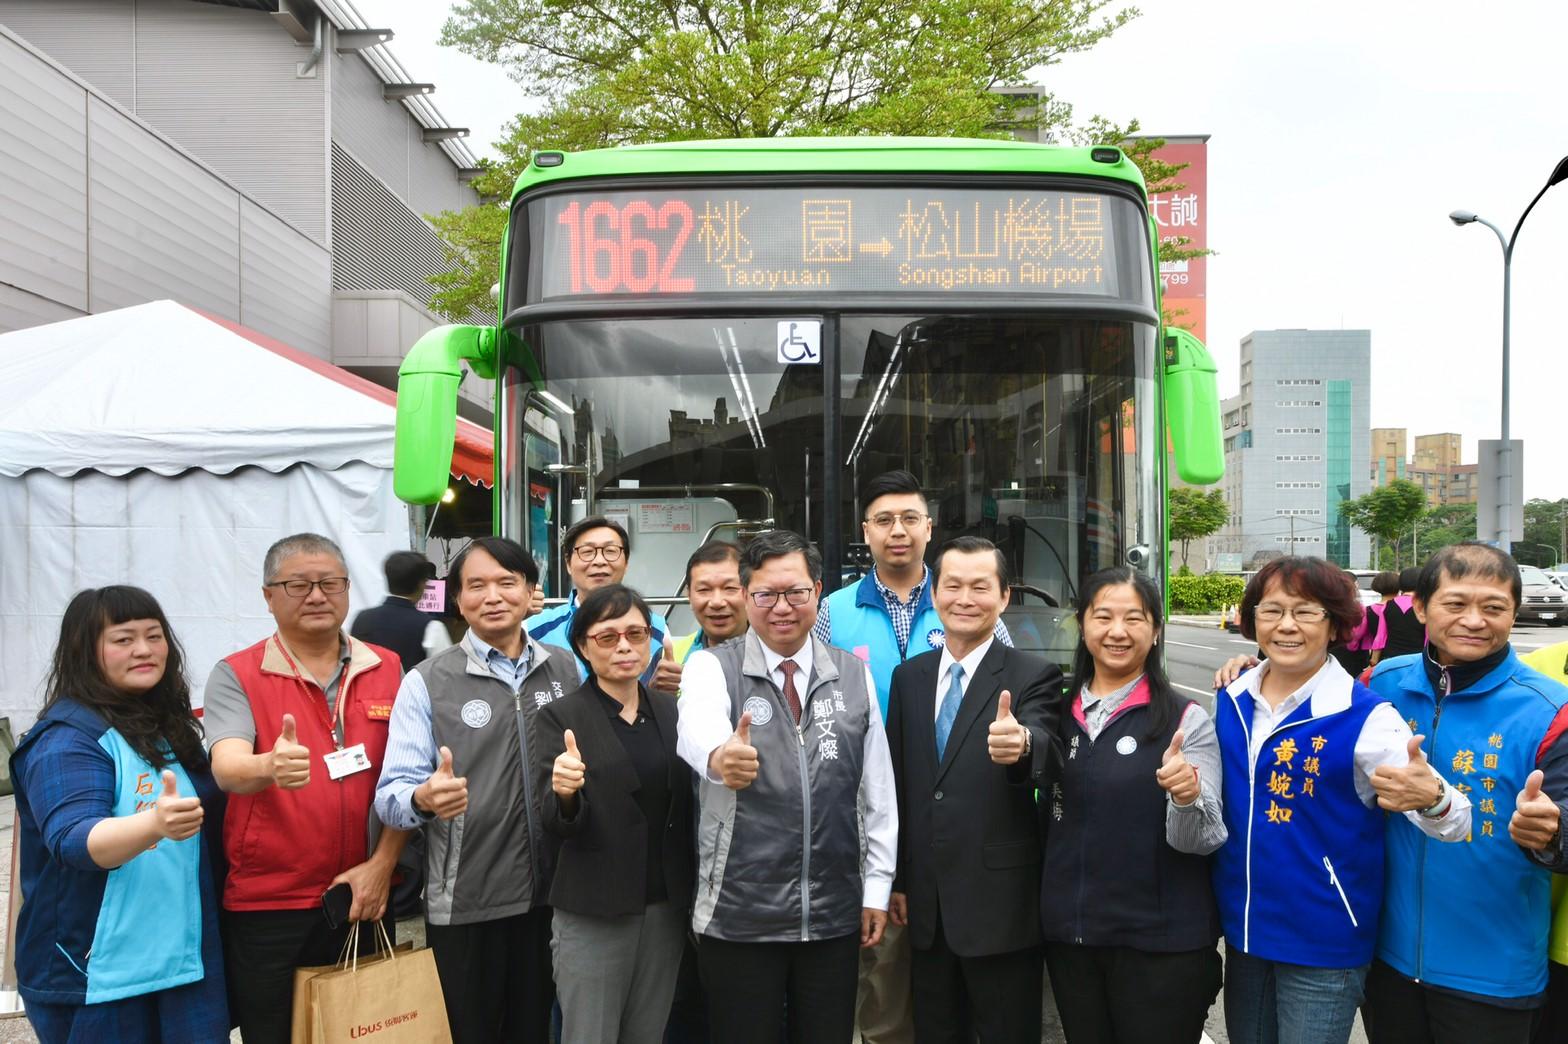 新增統聯客運1662公車 桃園臺北通勤更便利   交通局   大紀元